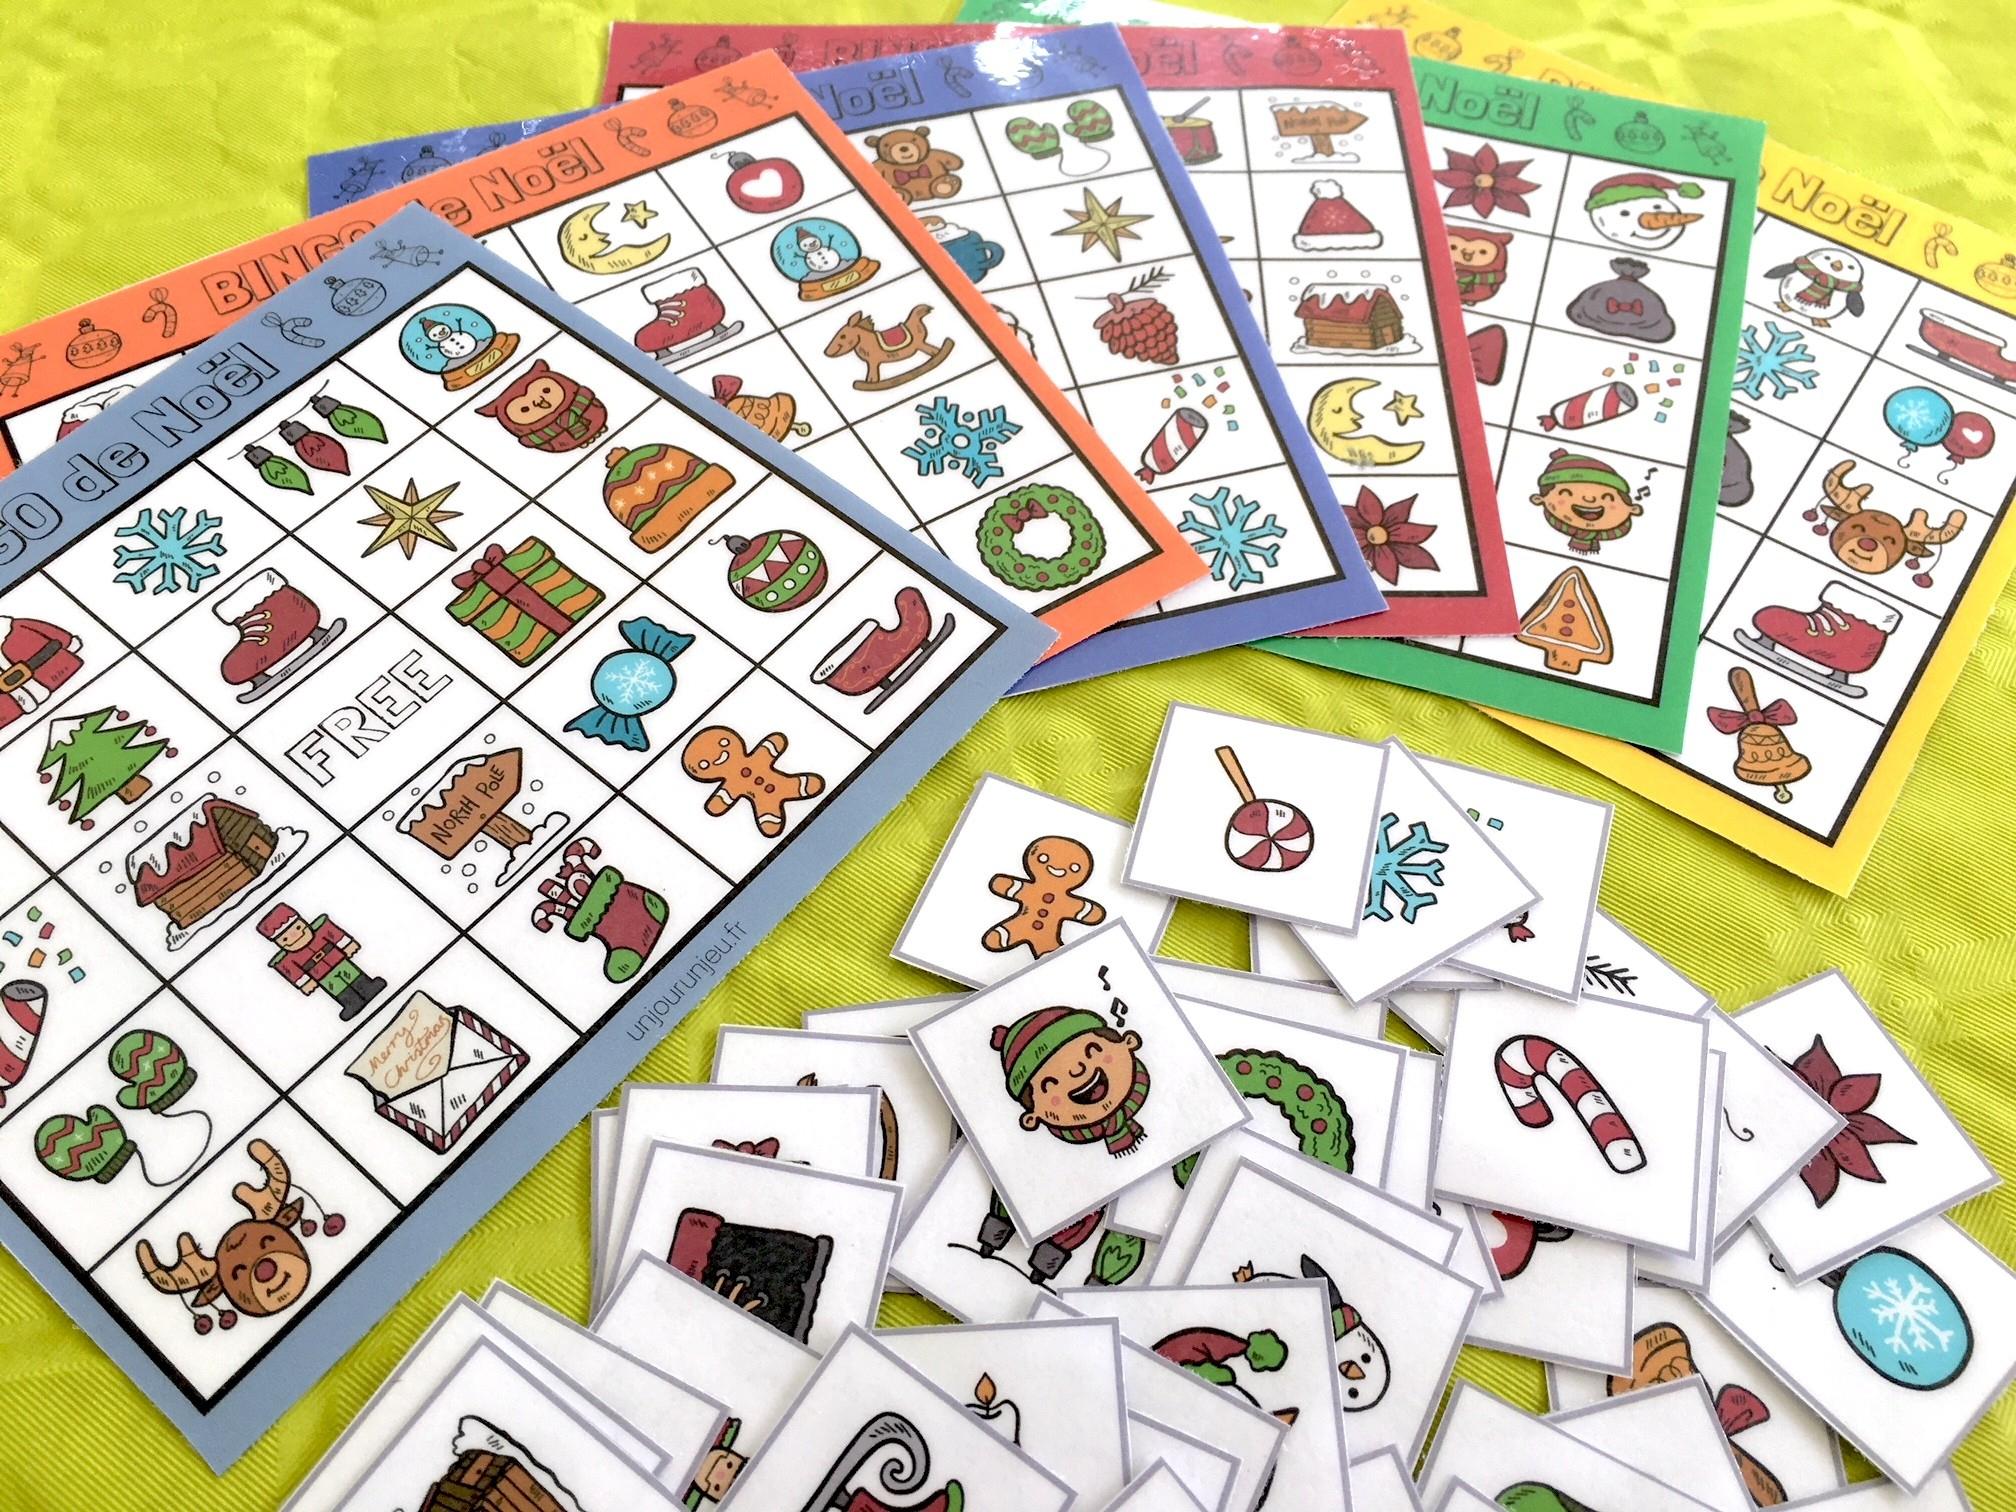 Jeu De Noël : Bingo À Télécharger Gratuitement Pour Vos Enfants à Jeux Pour Bebe De 3 Ans Gratuit